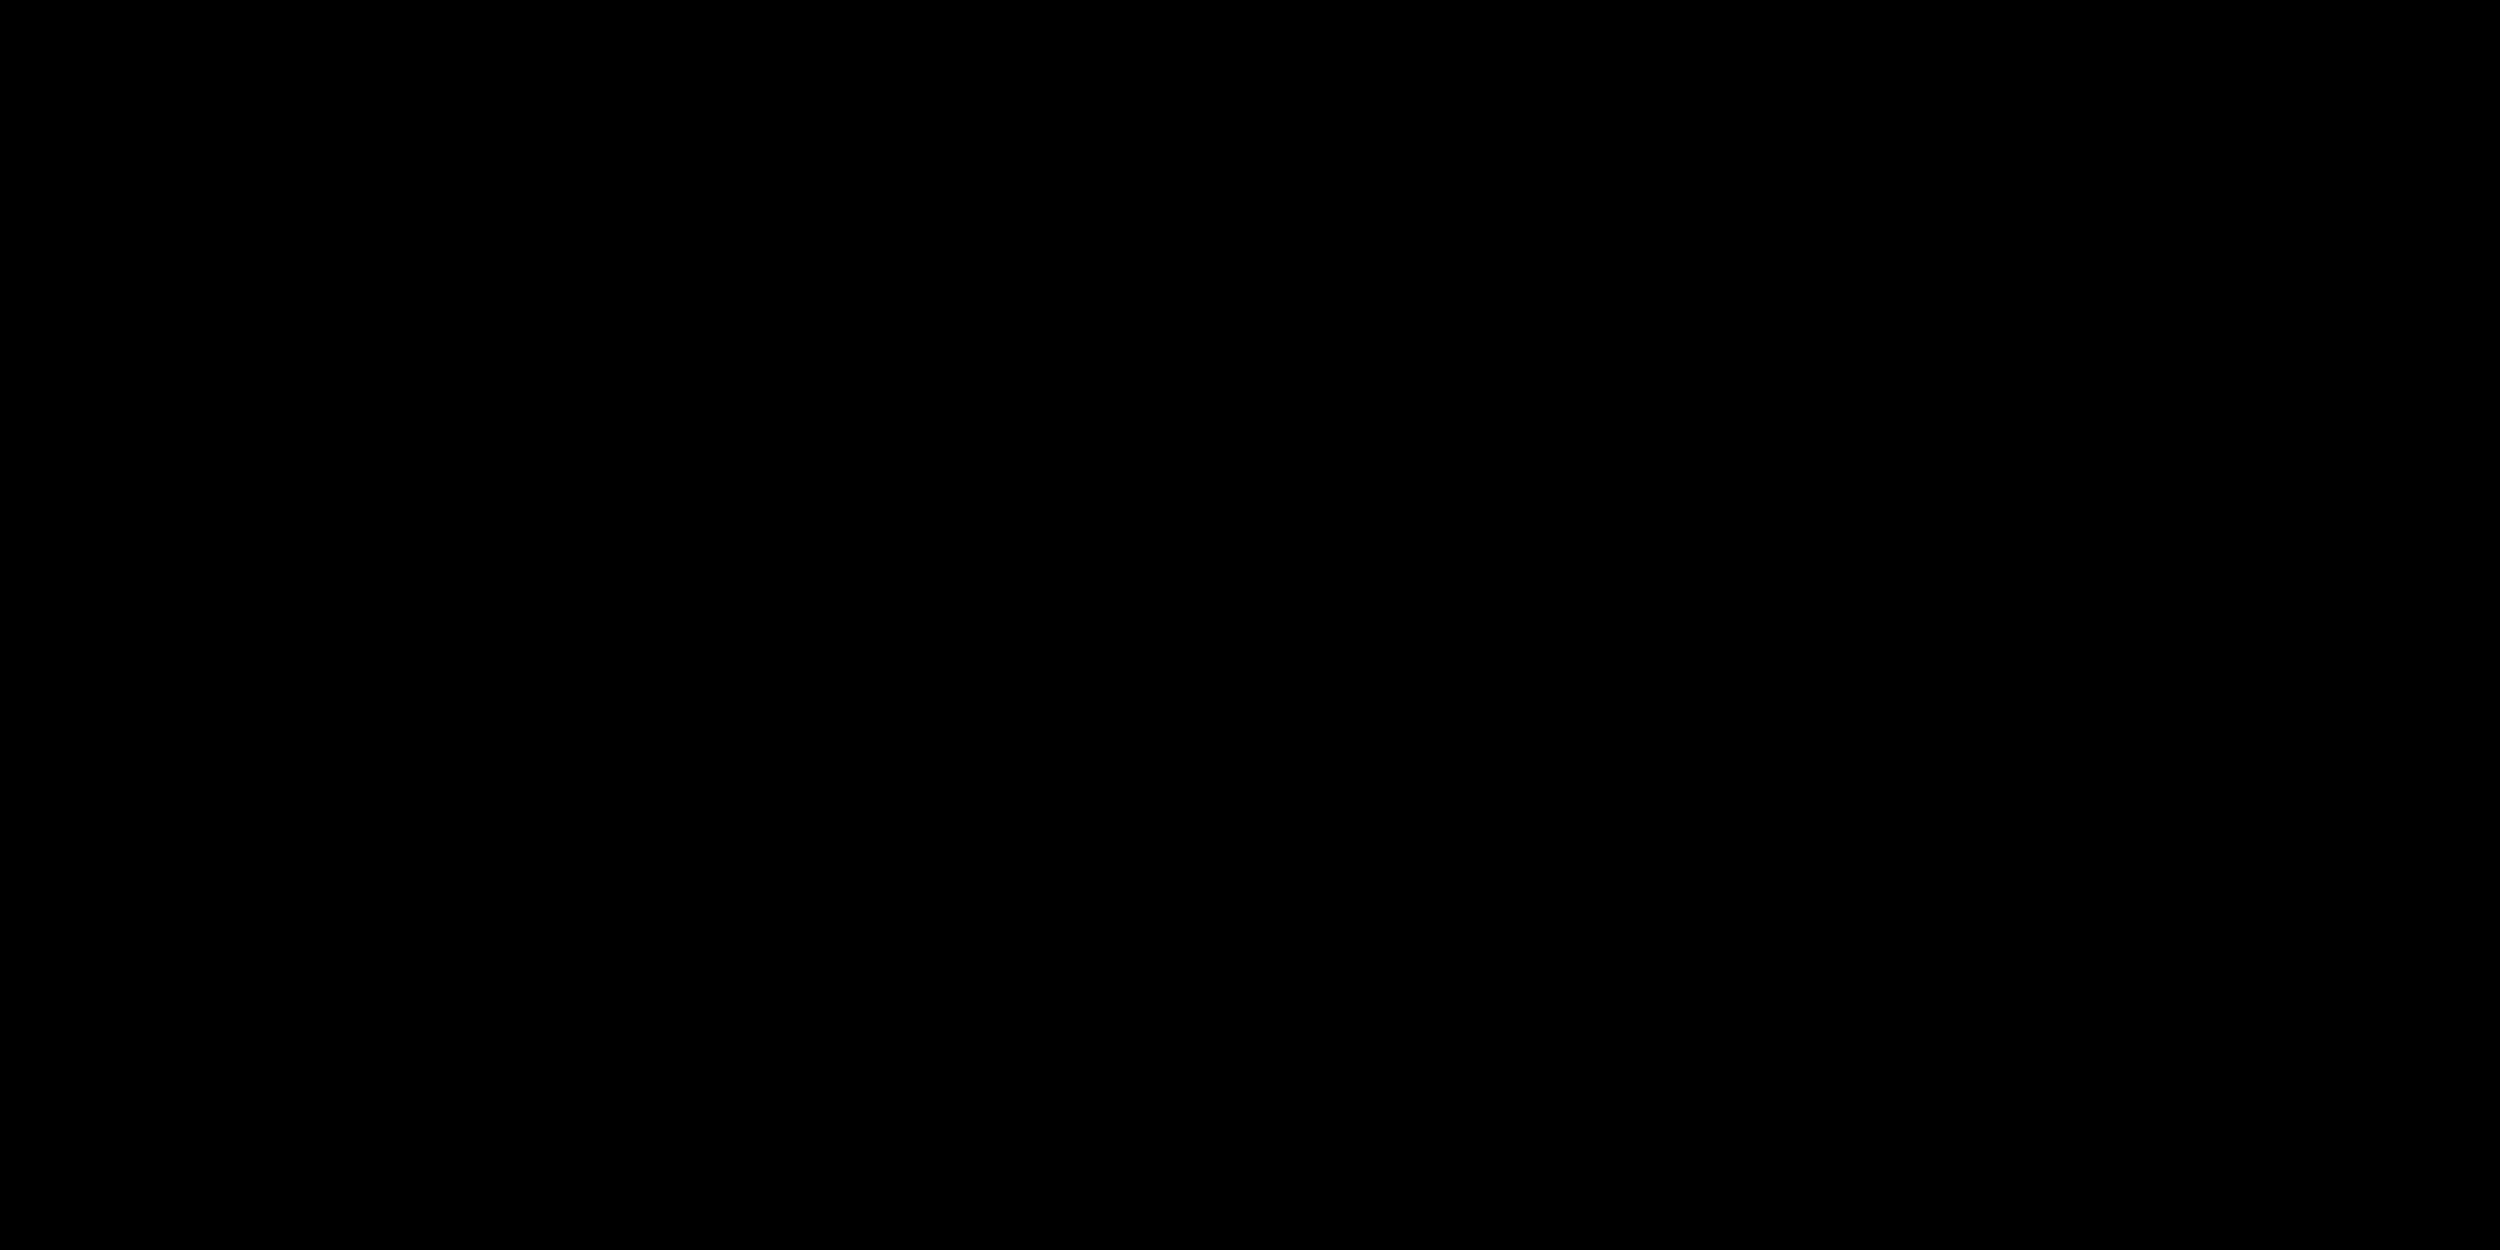 transparent background_black (1).png